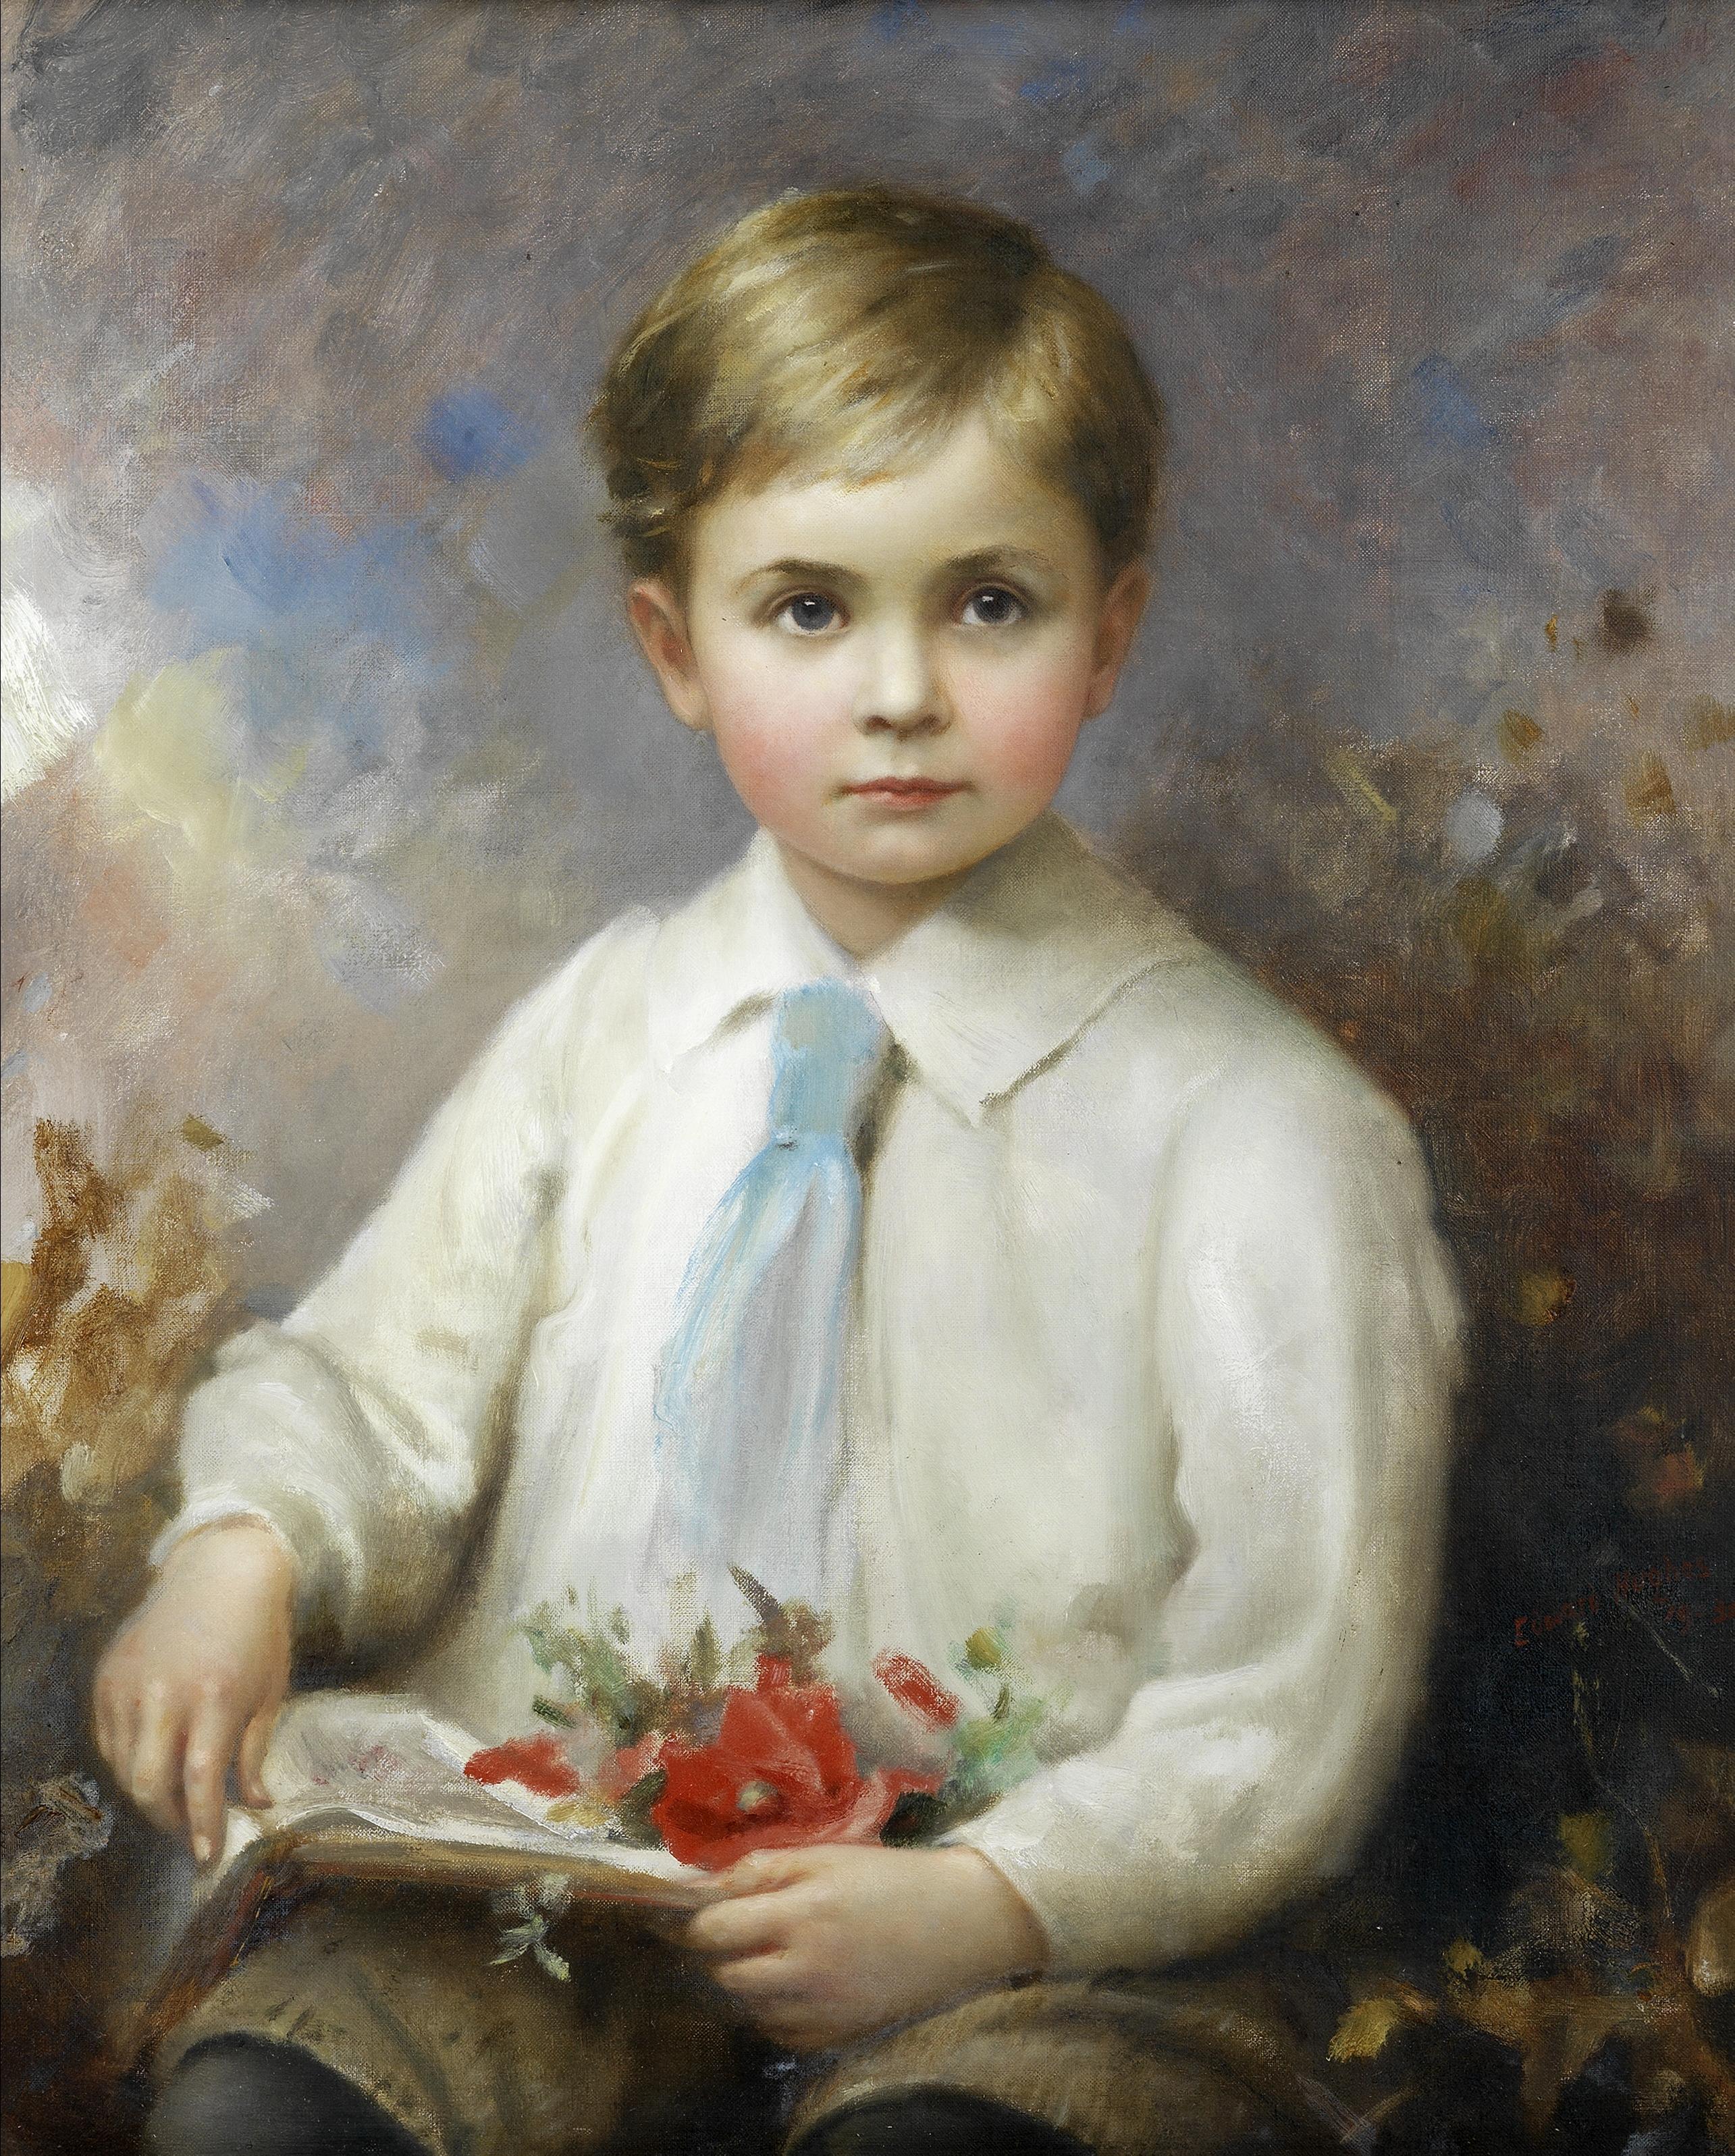 Edward Hughes (British, 1832-1908) Portrait of Rodney William Verelst